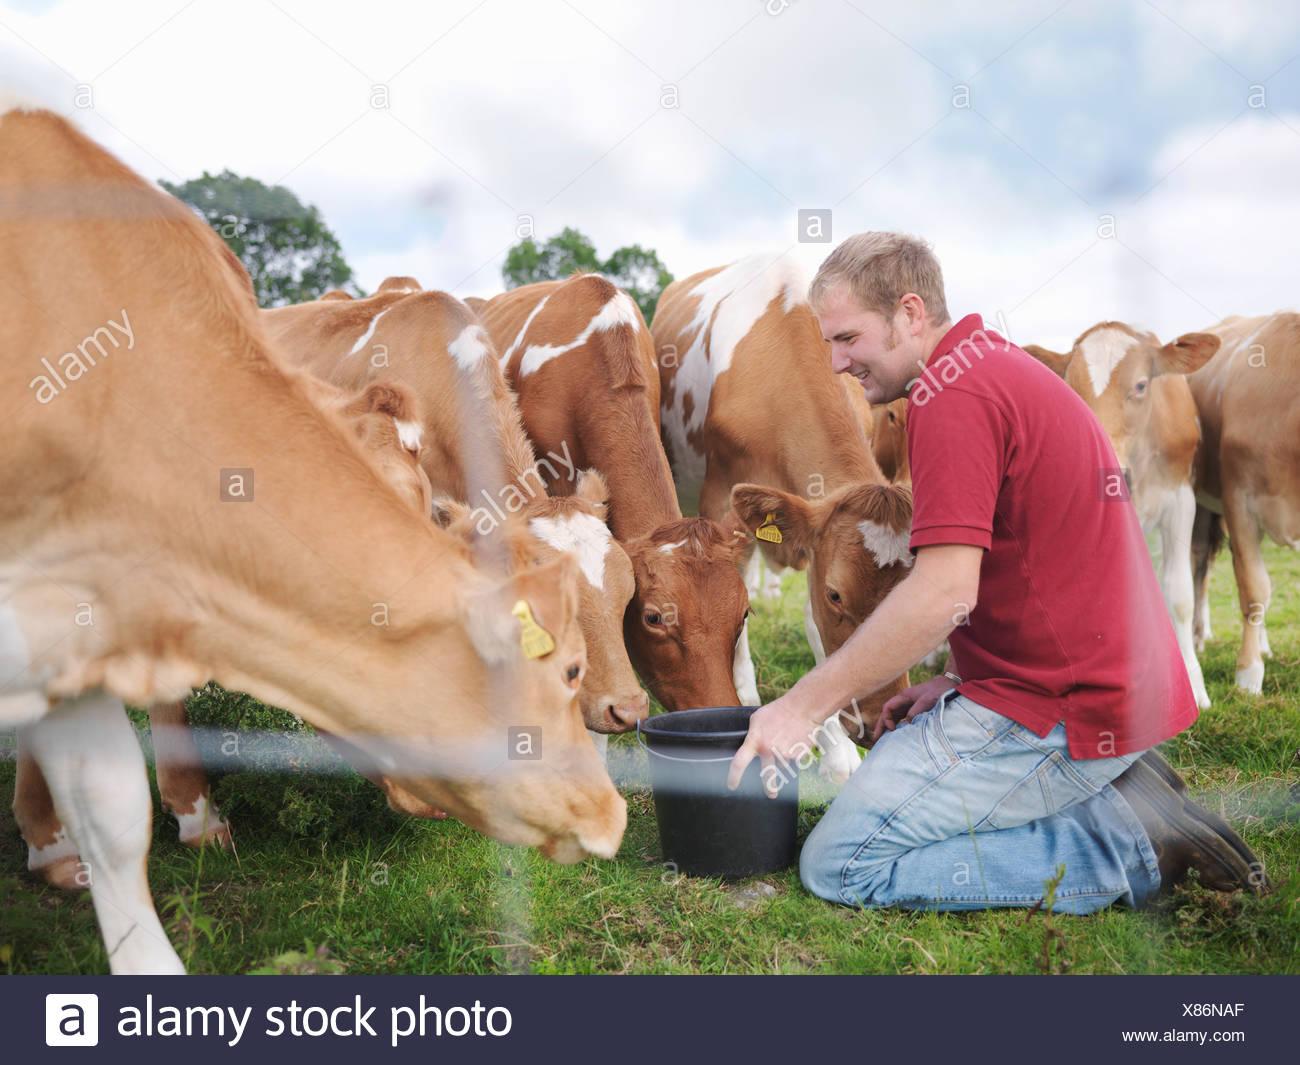 Farmer feeds Guernsey calves - Stock Image